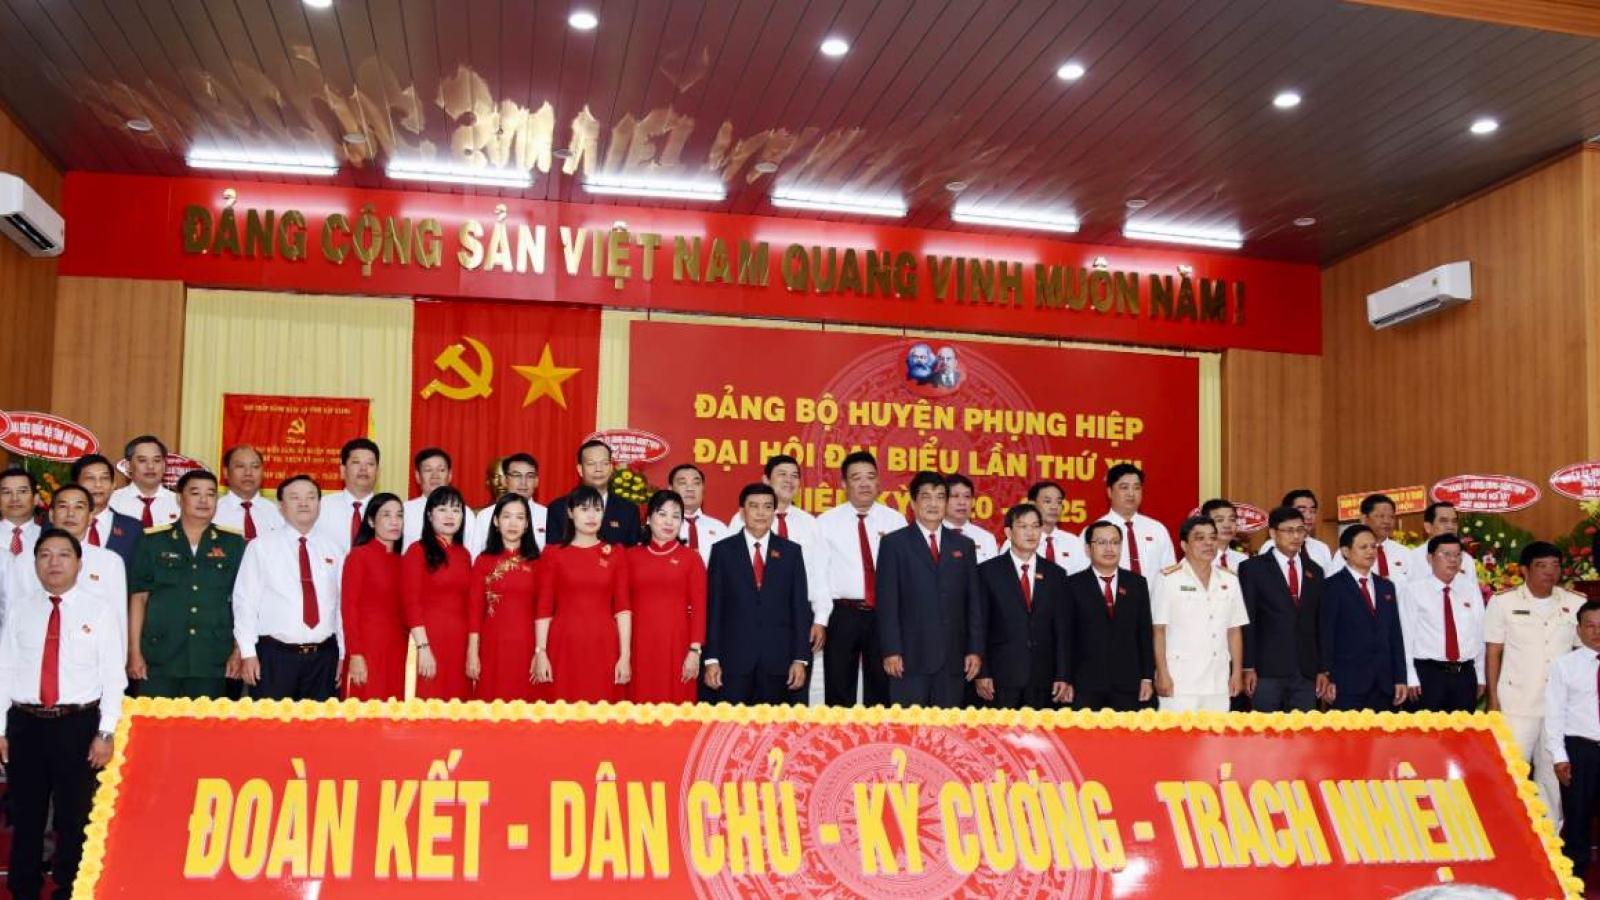 Ông Nguyễn Văn Bảy tái đắc cử Bí thư Huyện ủy Phụng Hiệp, Hậu Giang